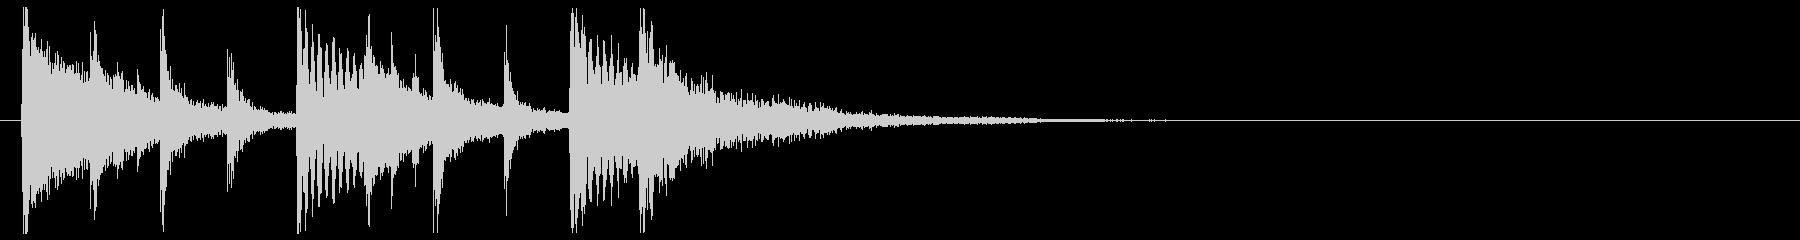 和楽器☆和風ジングル3リバーブの未再生の波形